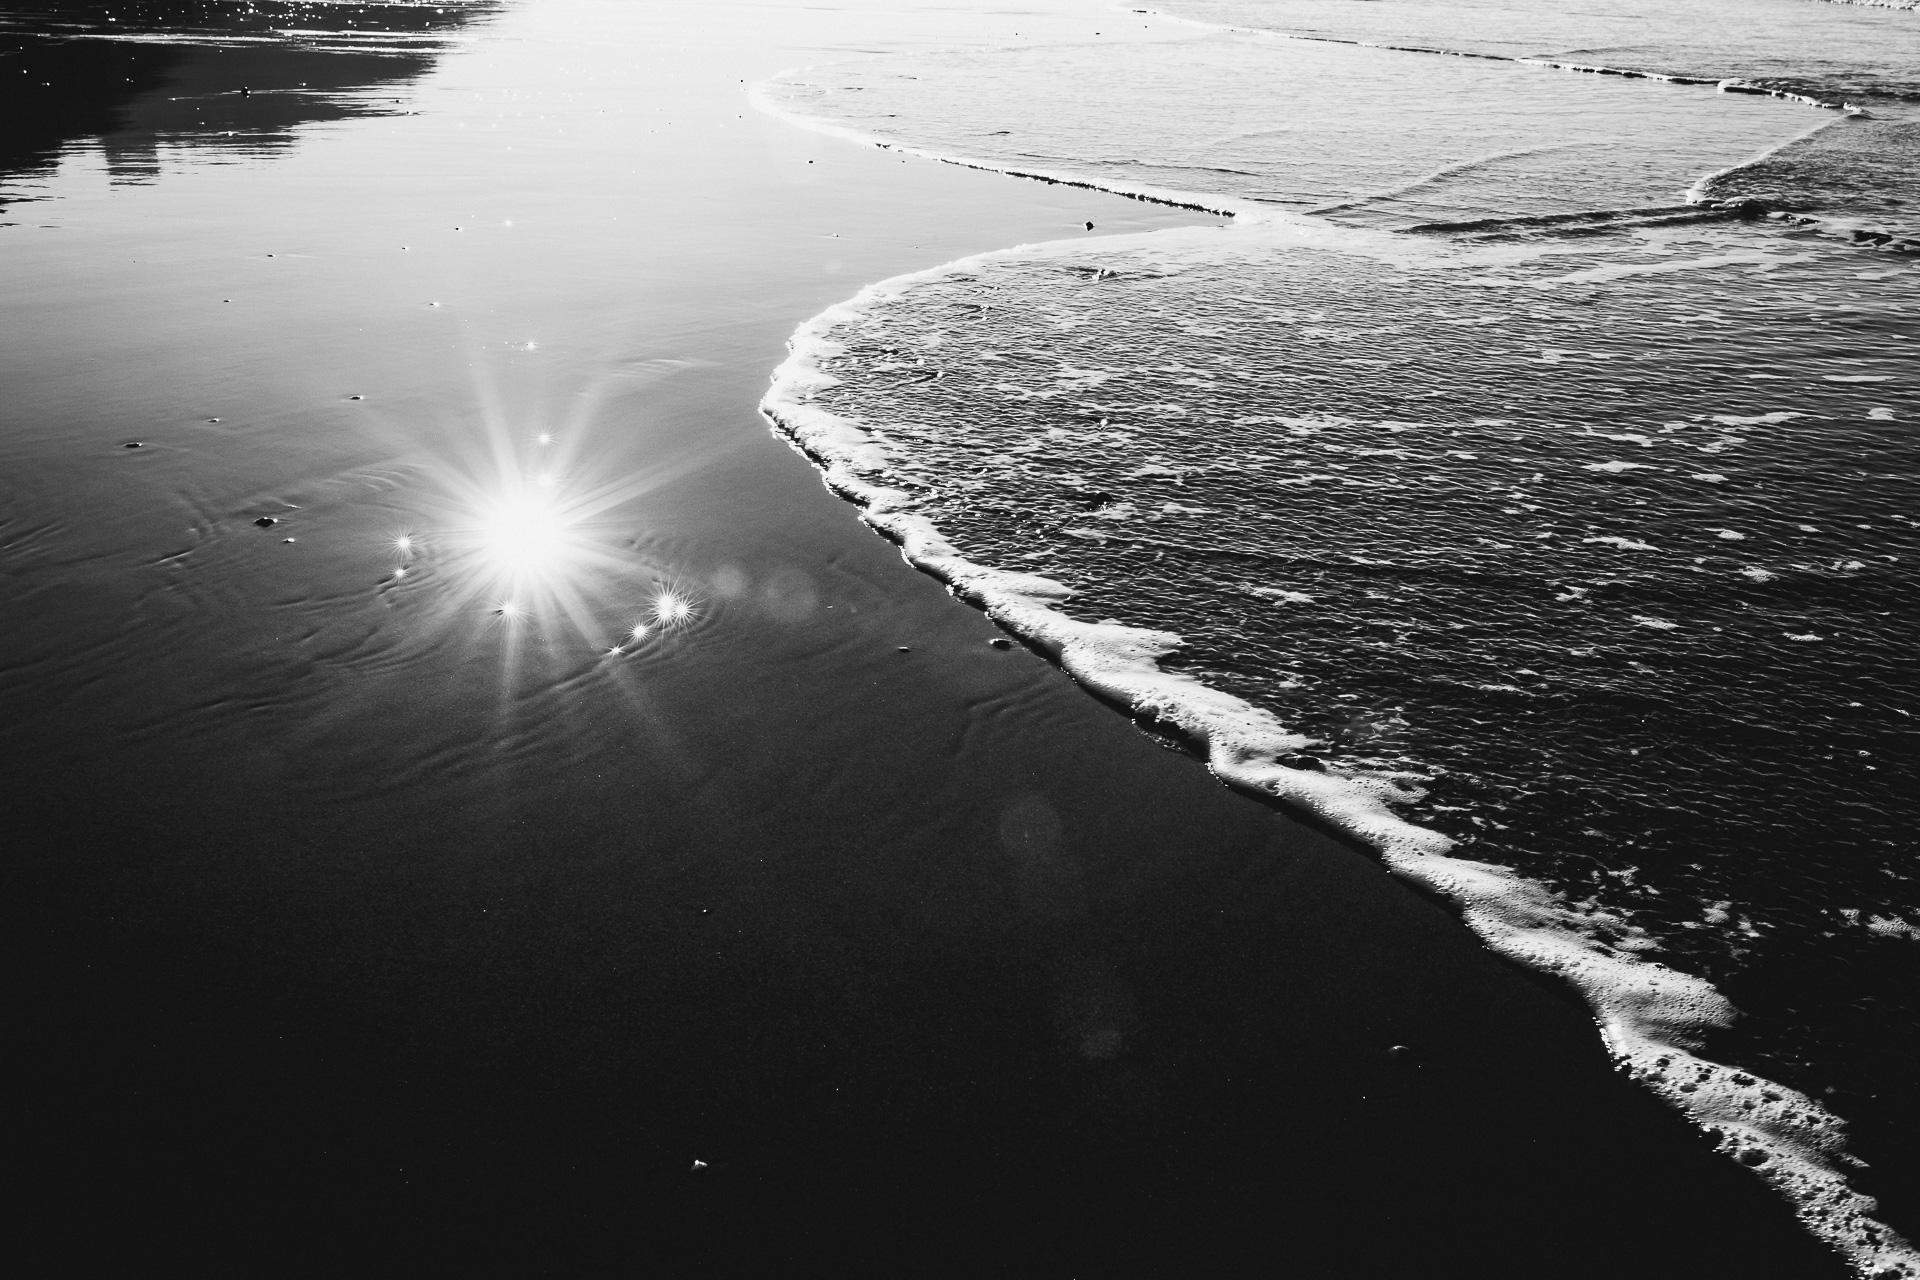 Damien-Dohmen-photographe-Ocean-44